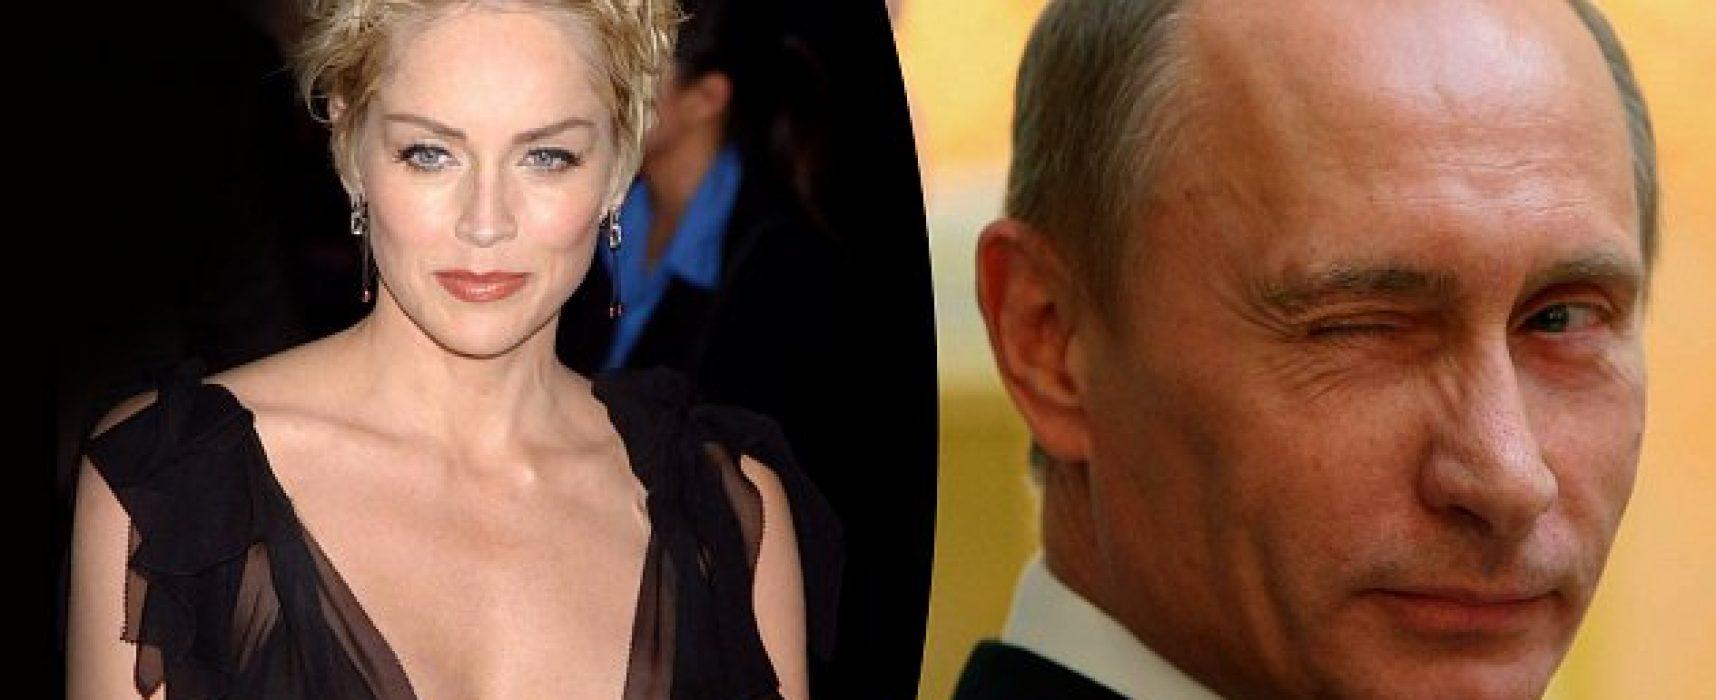 РІА «Новости» приписало Шерон Стоун схвальний відгук щодо Путіна